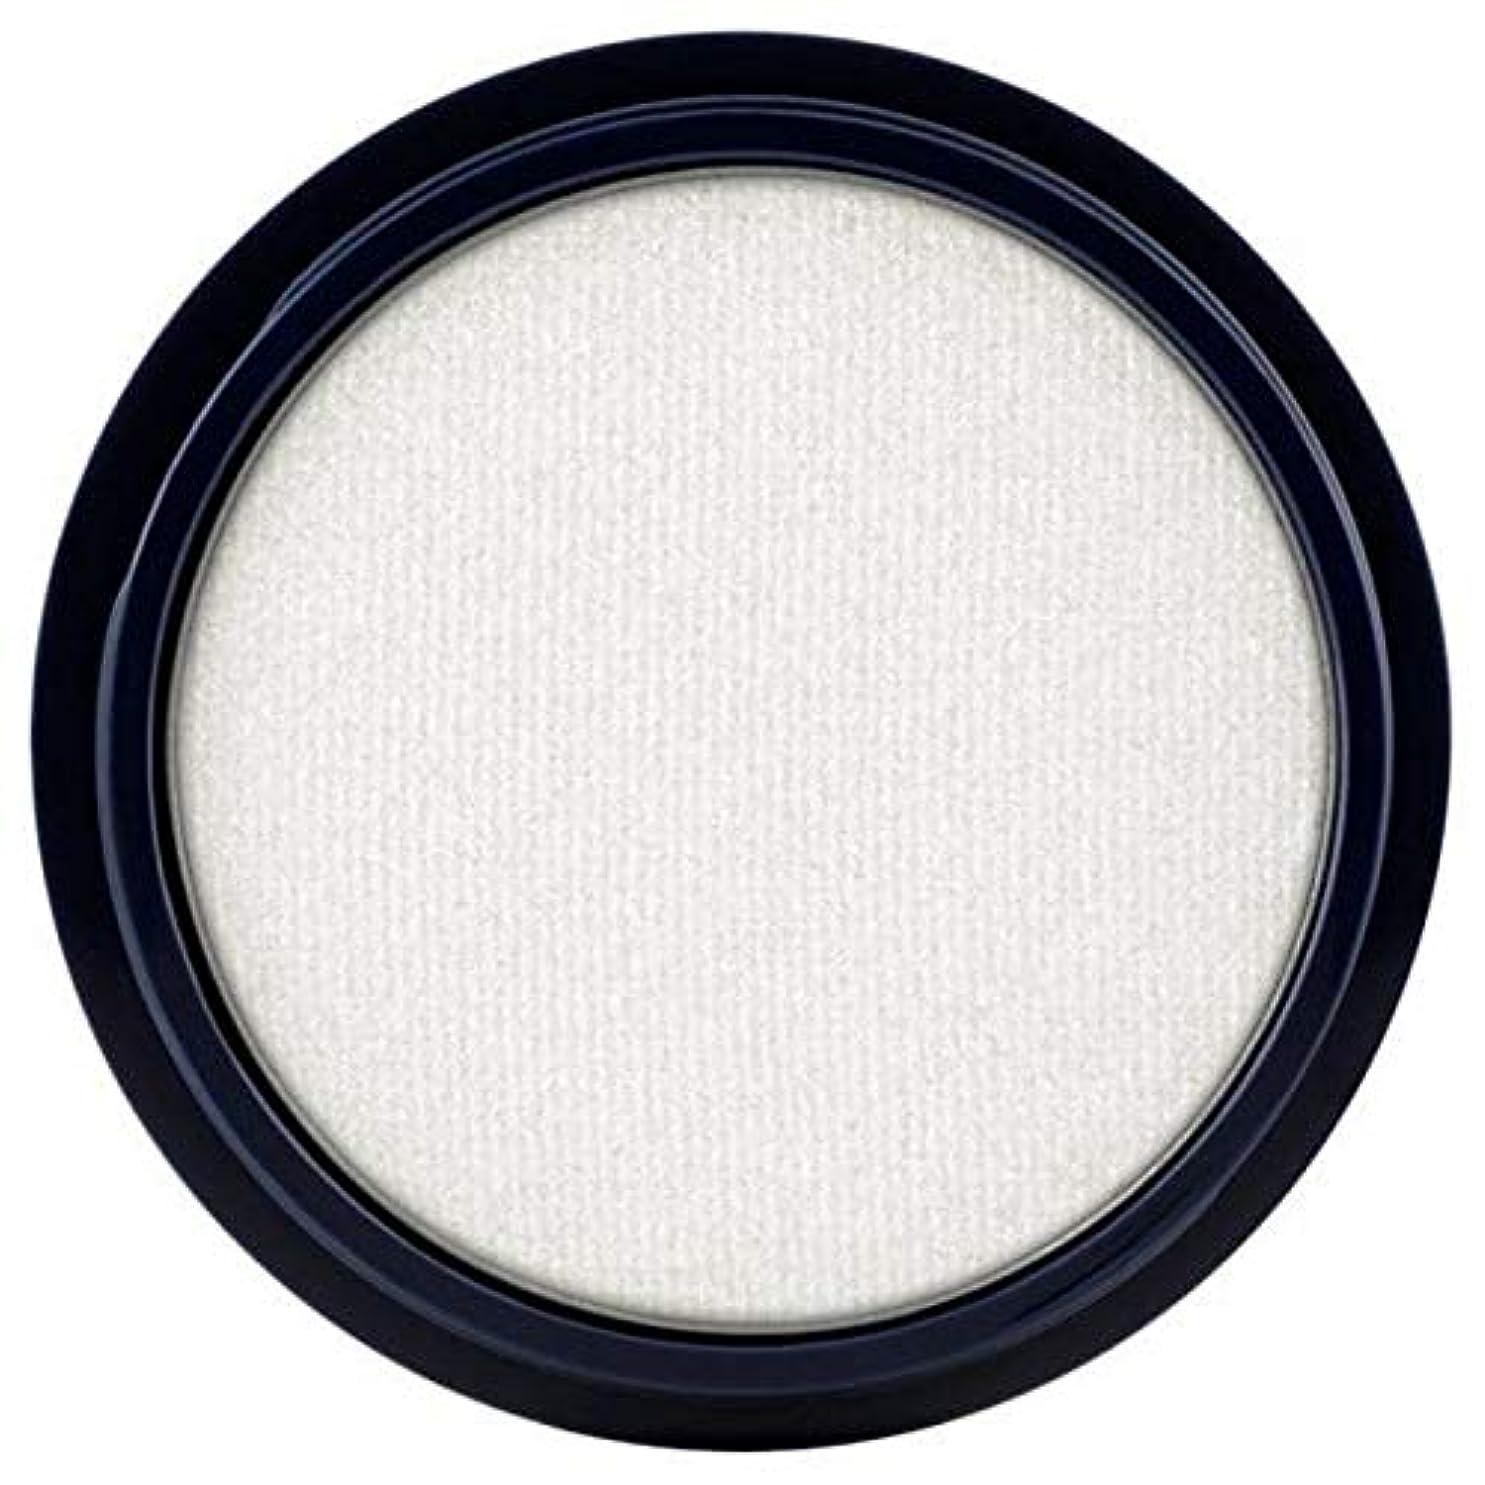 振幅コーデリア枯れる[Max Factor ] 白35 Definatマックスファクター野生シャドウアイシャドウポット - Max Factor Wild Shadow Eyeshadow Pot Definat White 35 [並行輸入品]